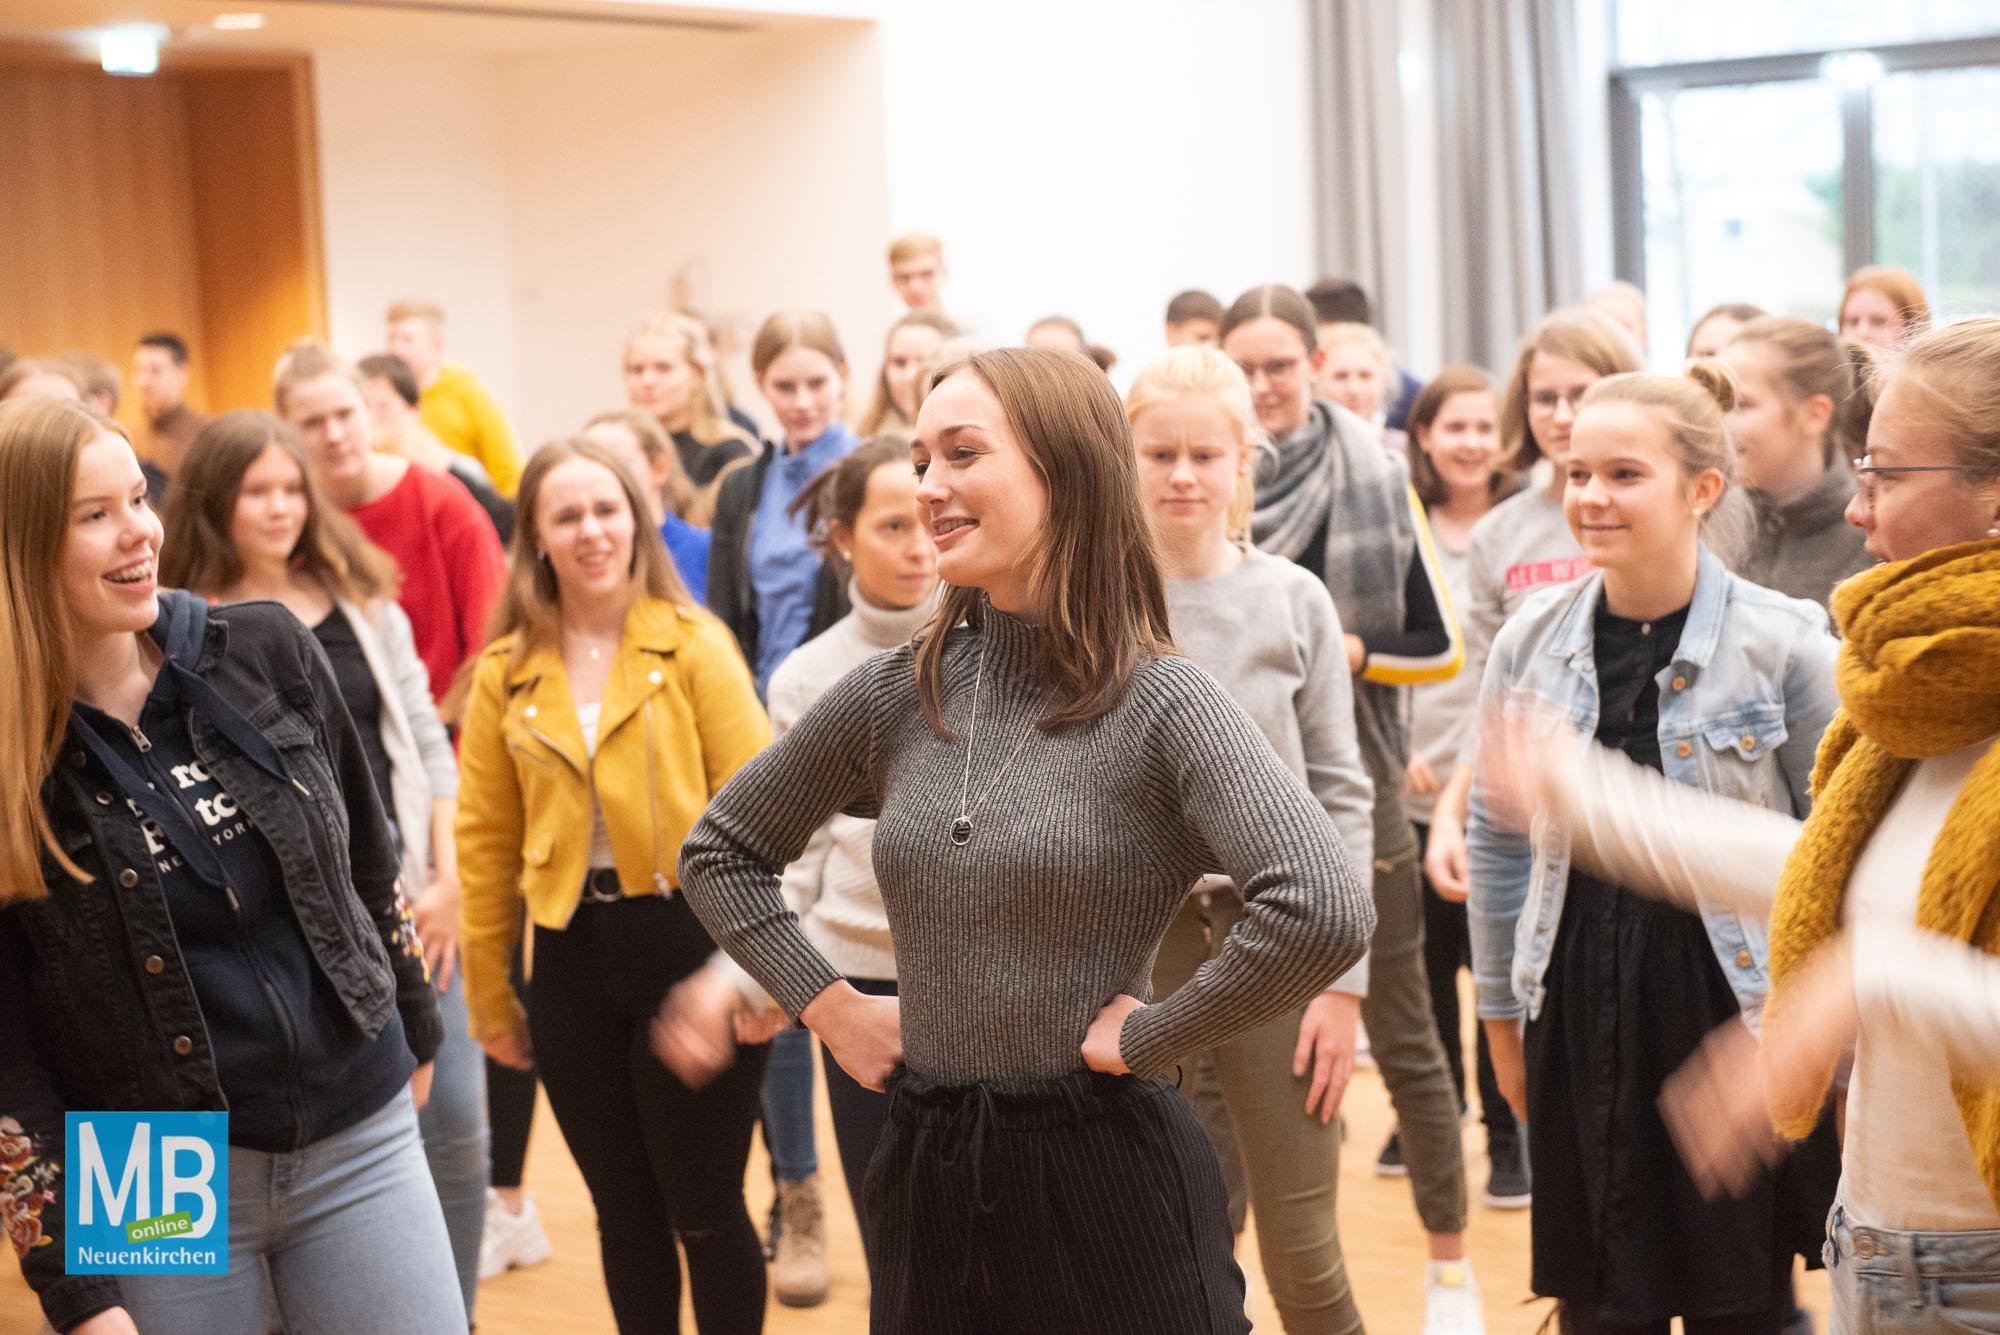 Über 100 Schülerinnen und Schülern hatten sich am Mittwoch in der Aula der Schule zu einem ersten Workshop versammelt. | Foto: AJG/Lohmann